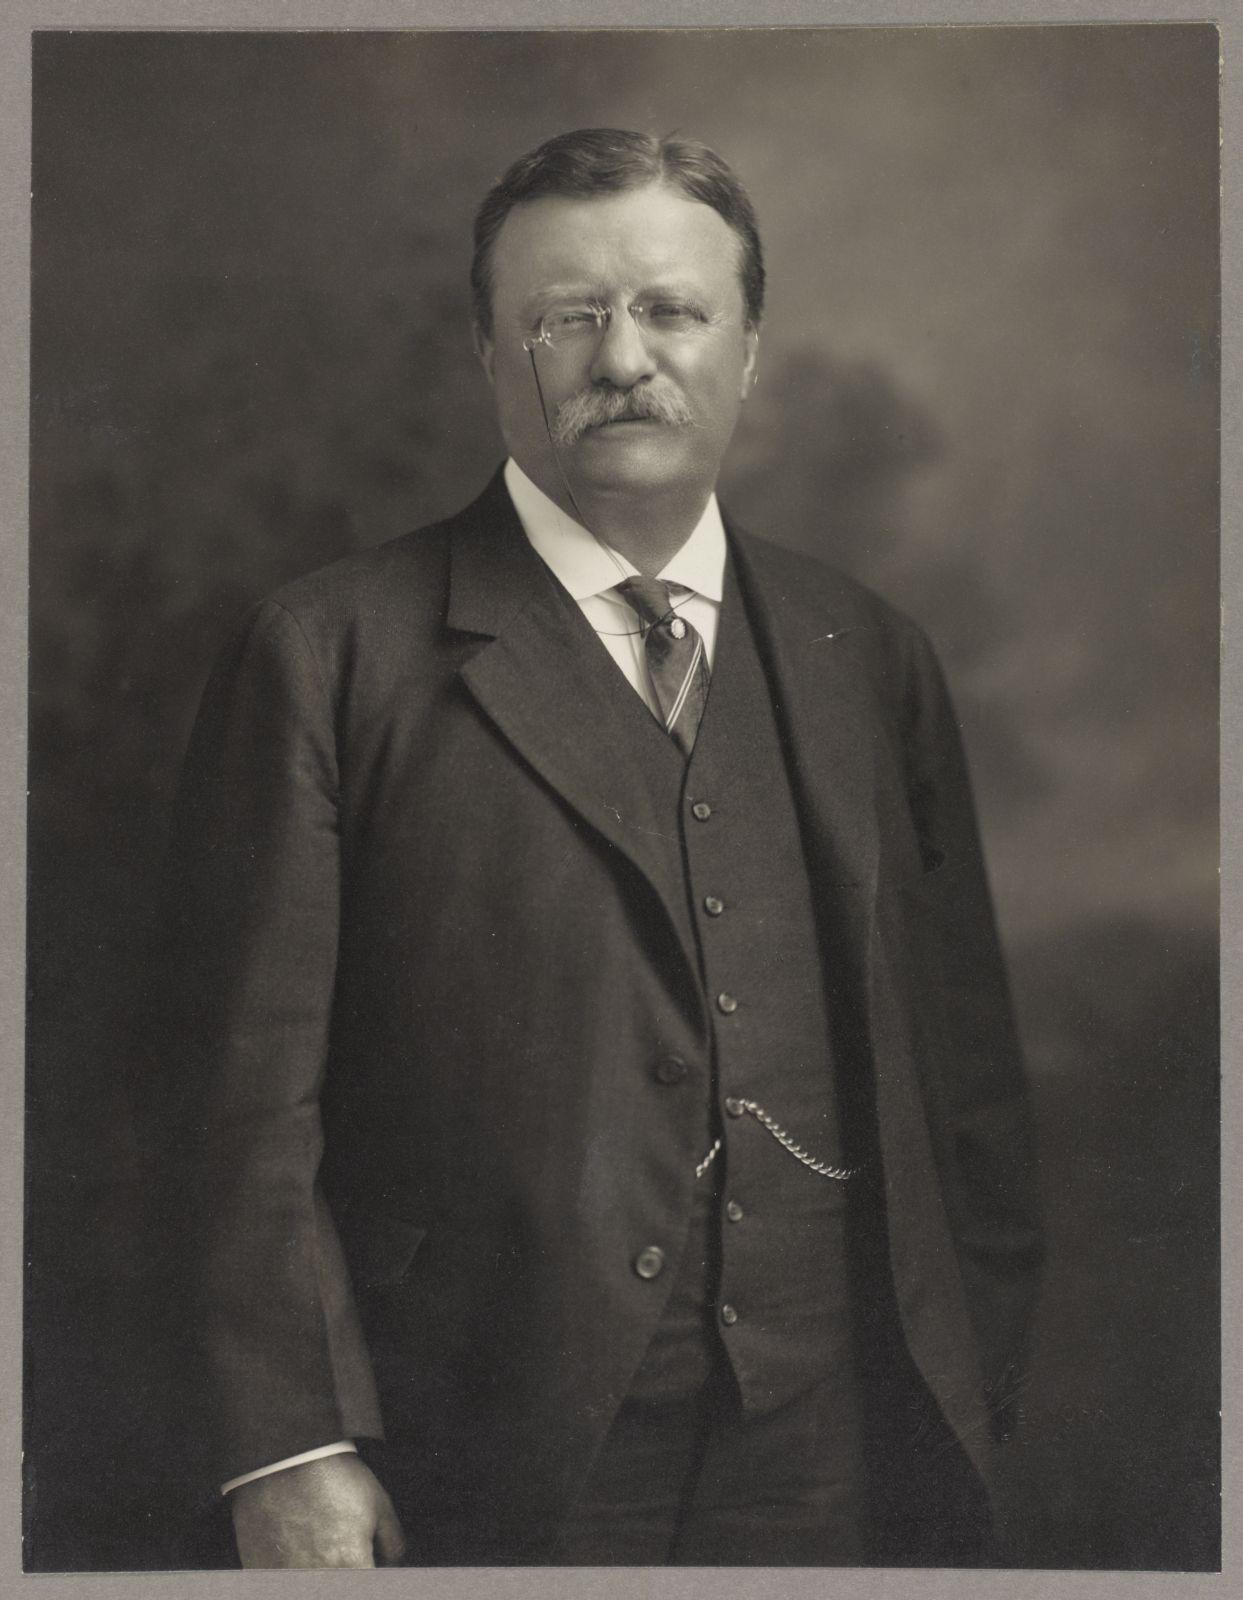 TR Center Theodore Roosevelt, halflength portrait